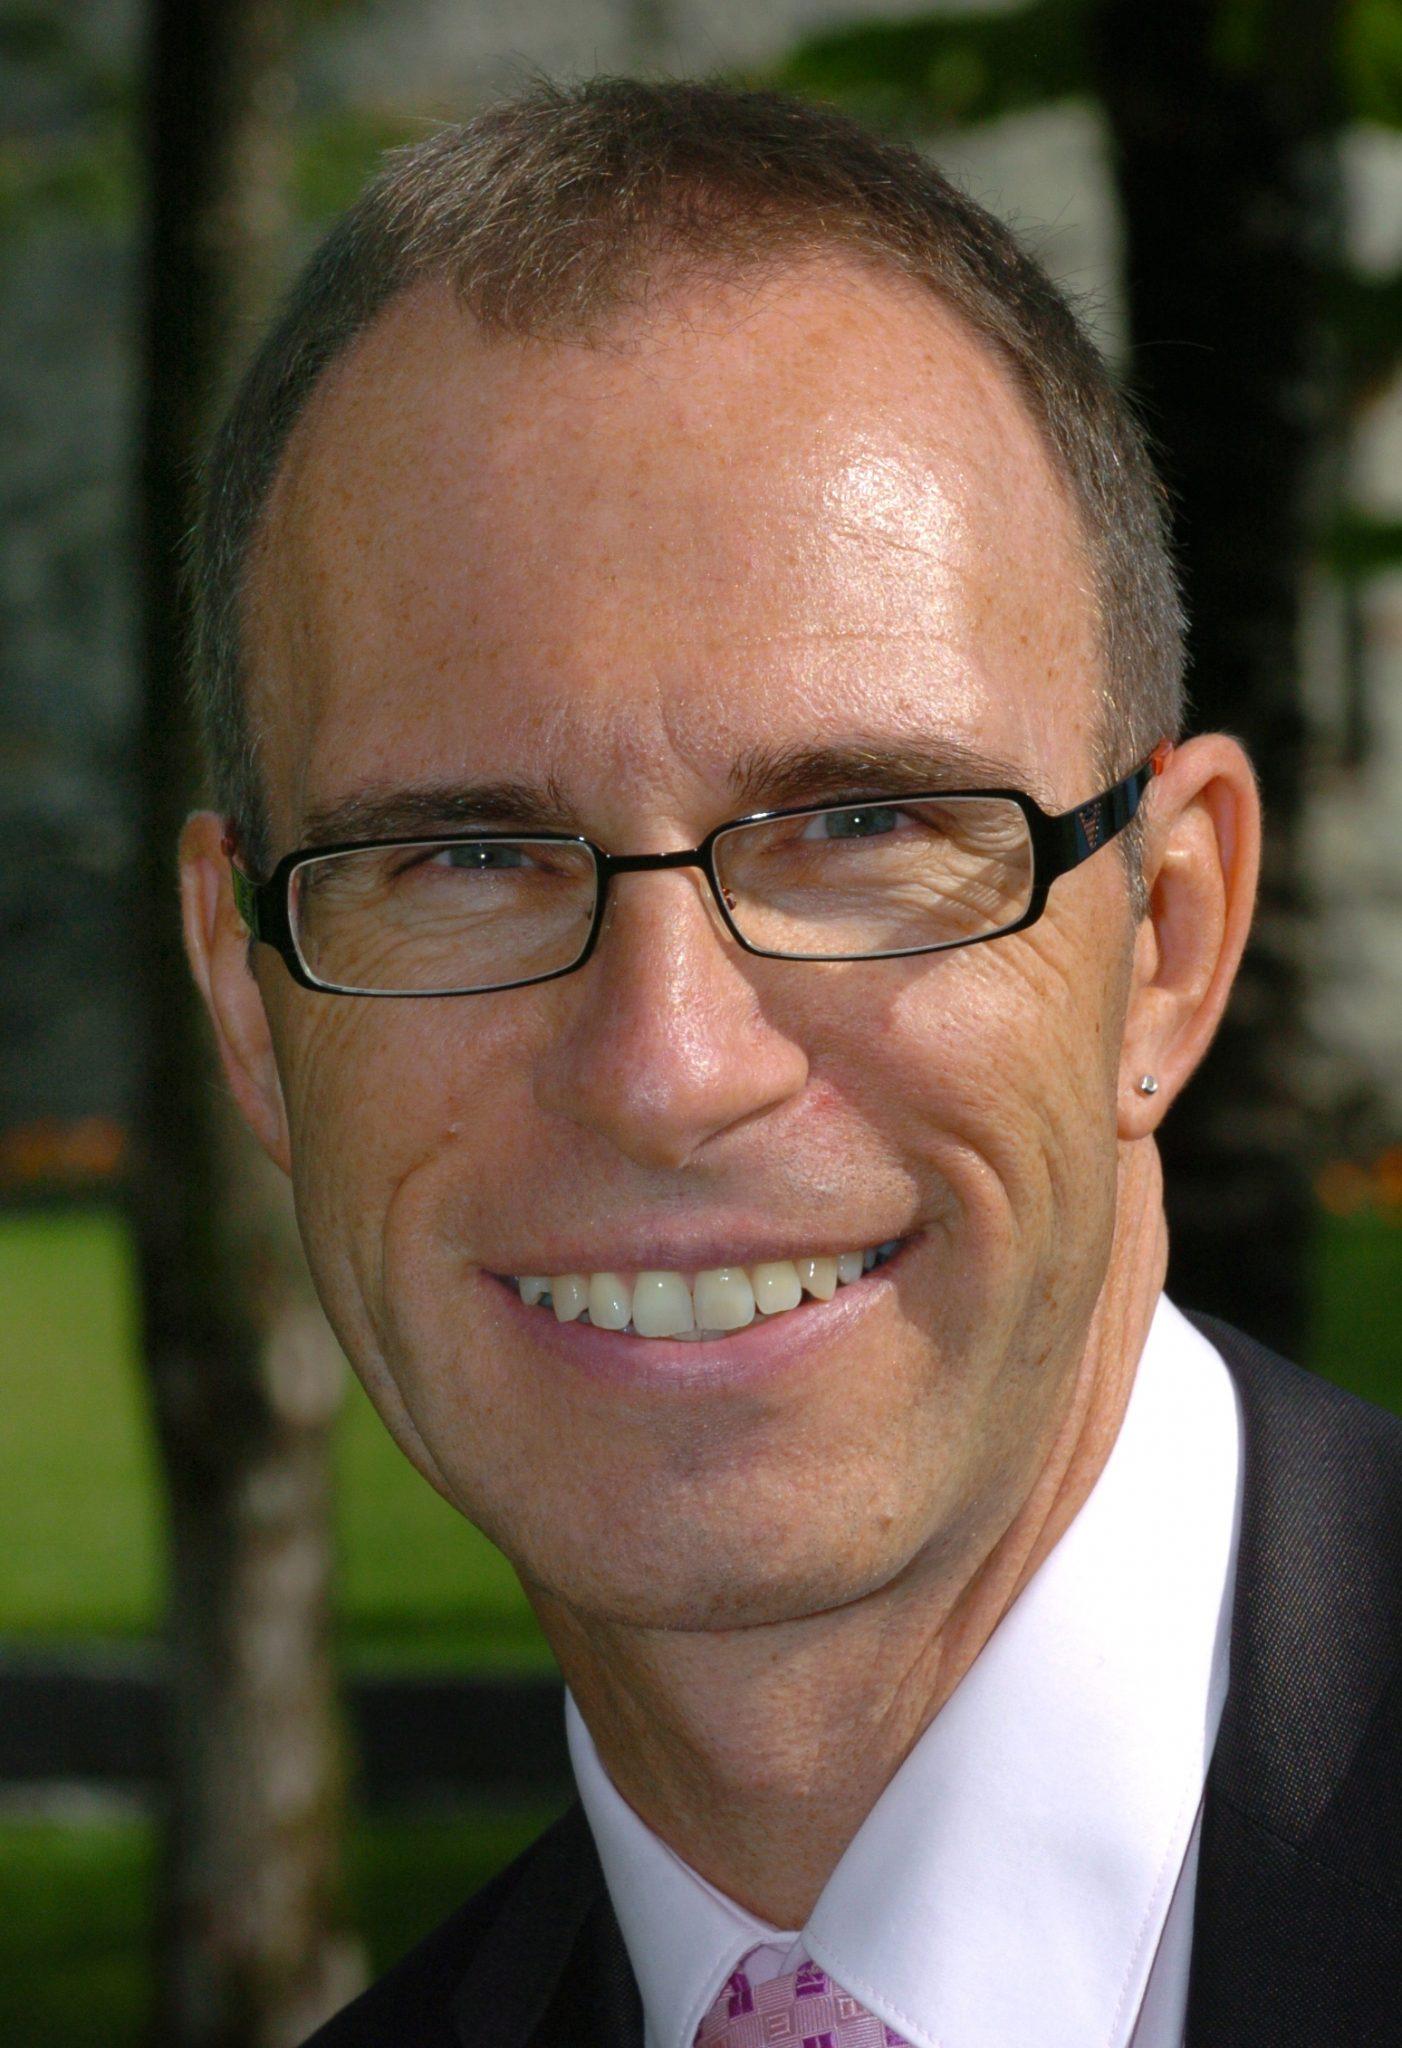 Nominato il nuovo responsabile dell'Ufficio del registro fondiario federale